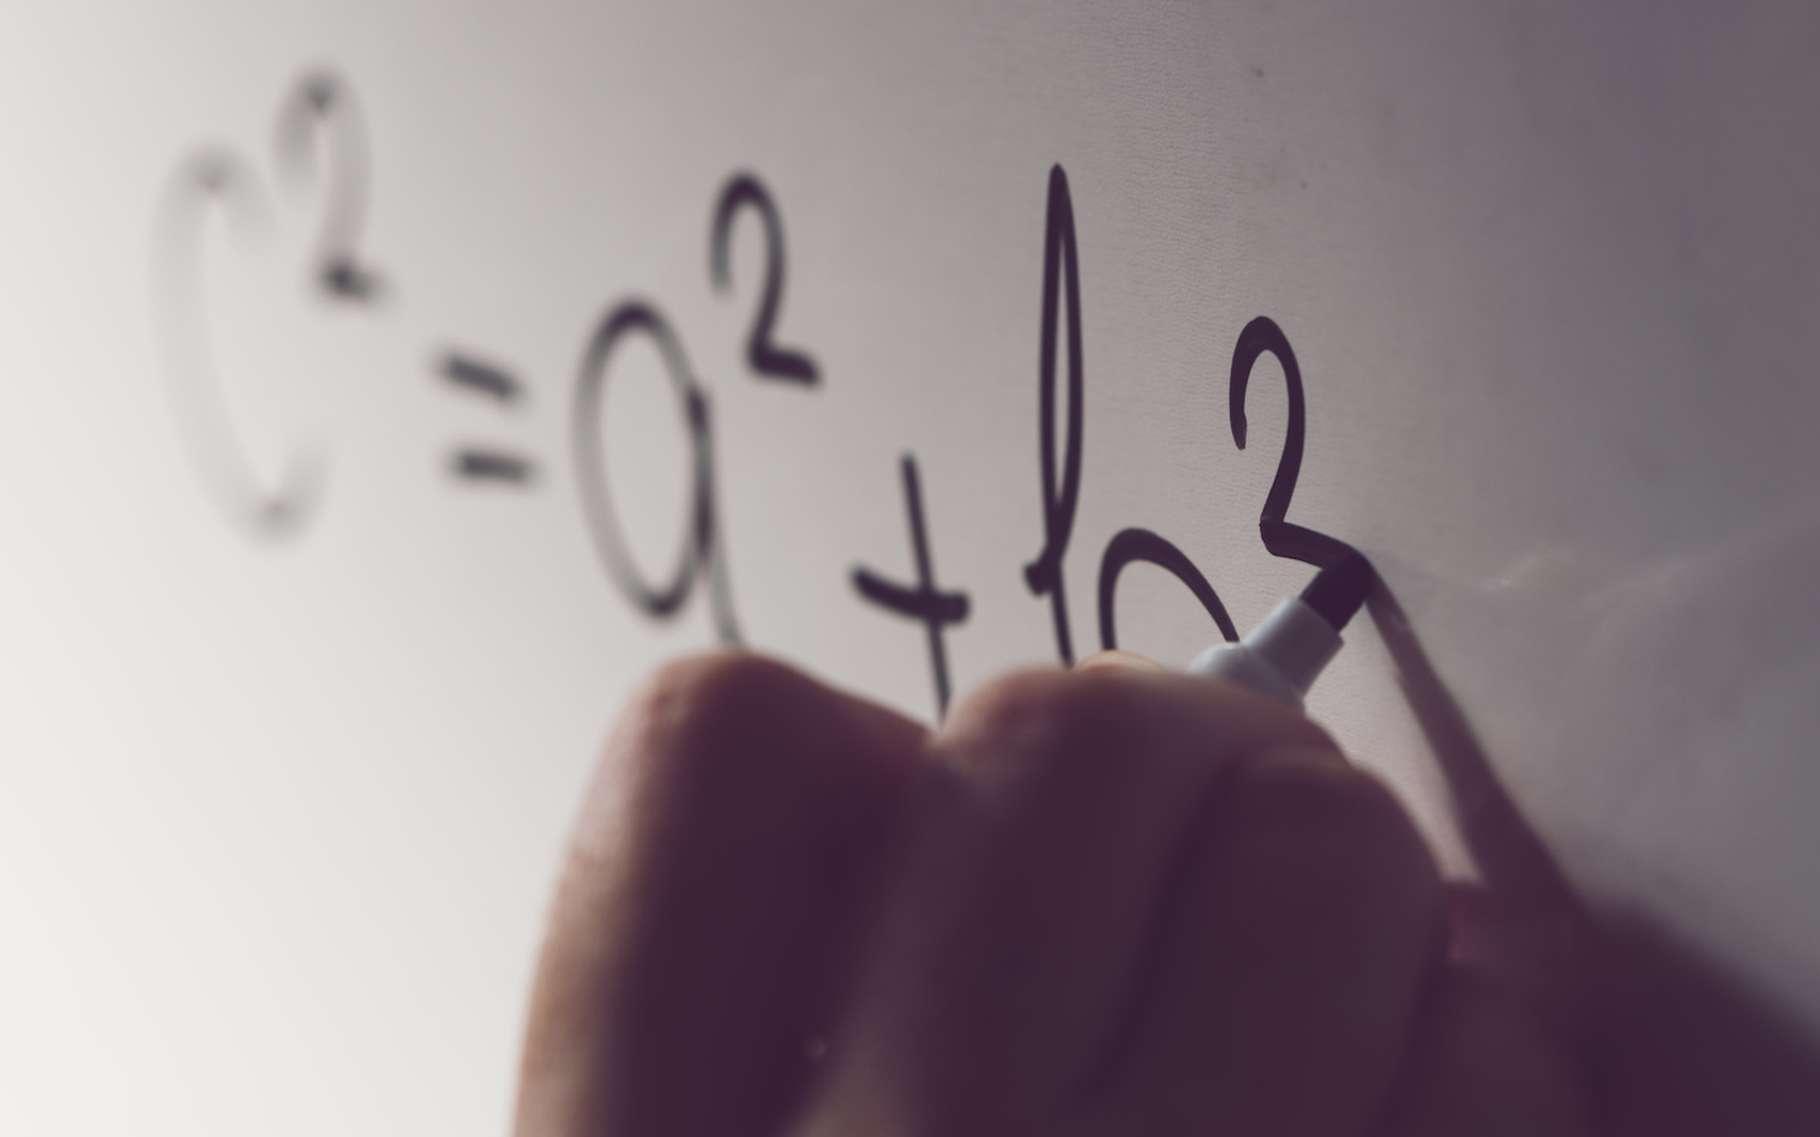 Le théorème de Pythagore est enseigné au collège. Il permet de calculer la longueur d'un côté d'un triangle rectangle ou de savoir, connaissant les longueurs de ses côtés, si un triangle est rectangle. © Bits and Splits, Fotolia